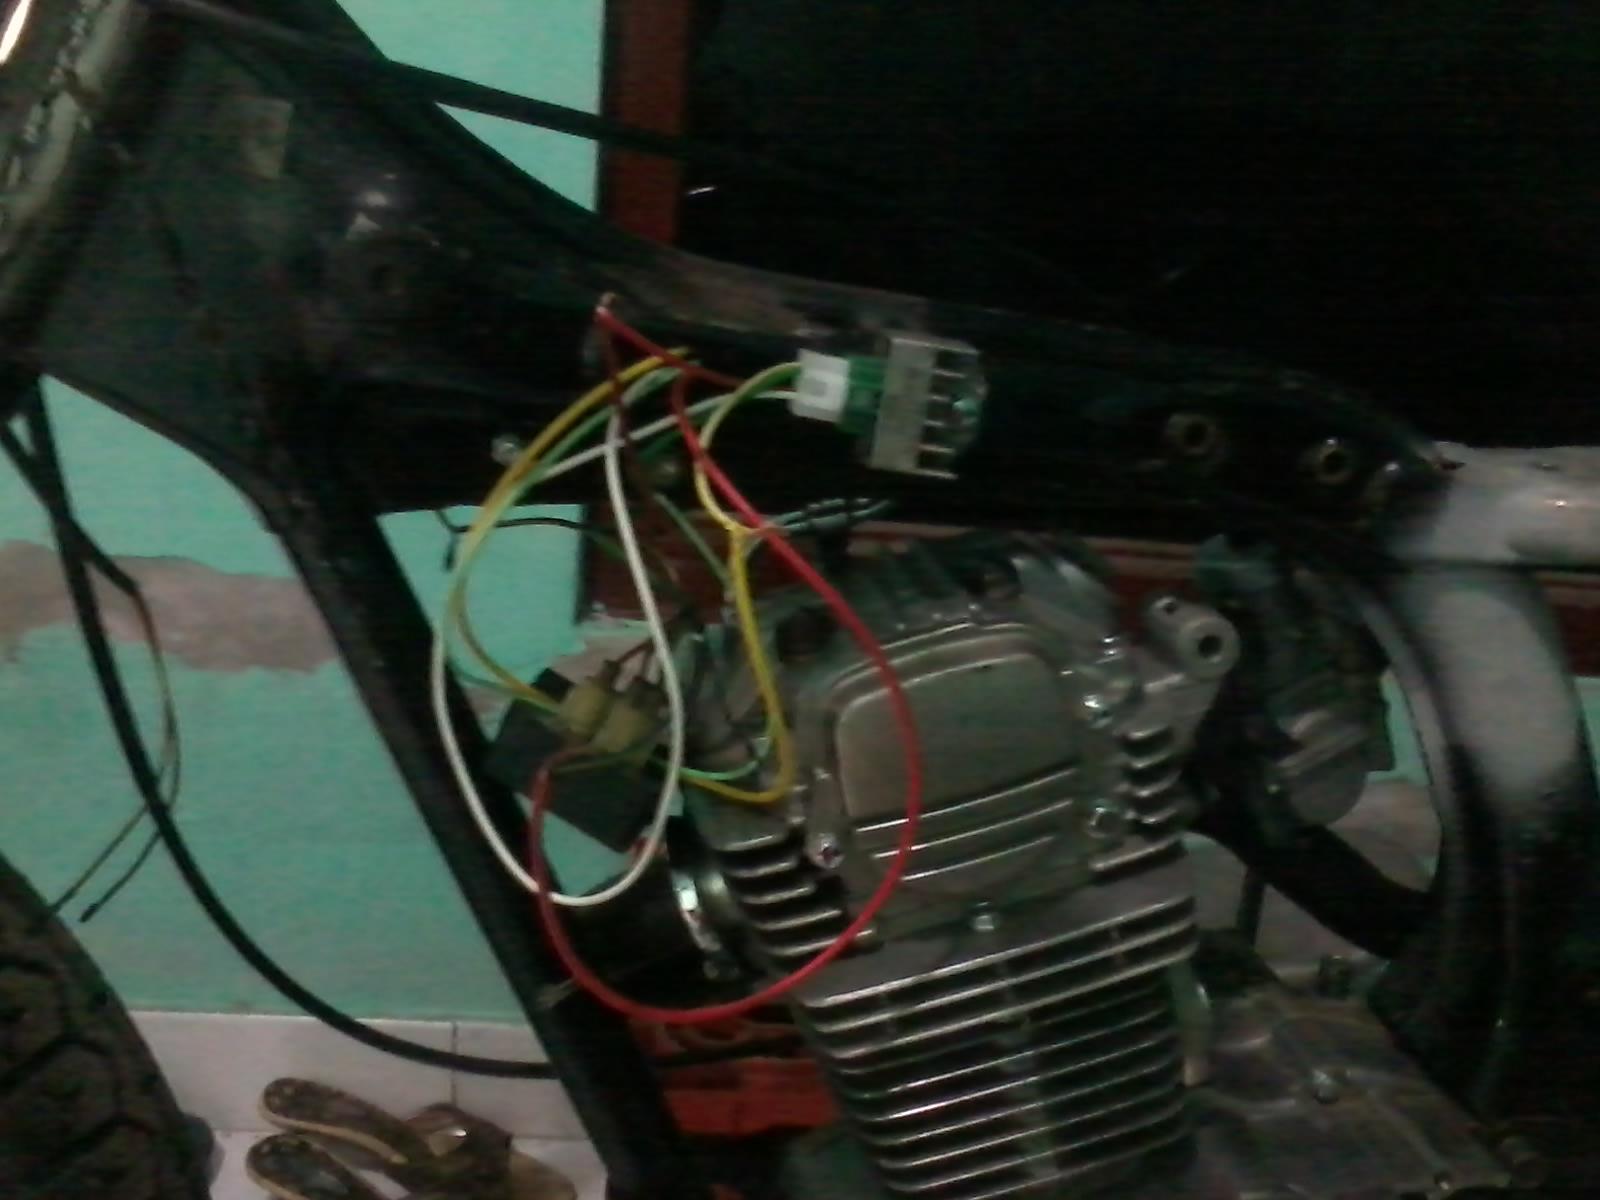 Wiring Diagram Kelistrikan Honda Gl 100 Library C65clymer Electrical Kabel Spull Dan Kiprok Disambungtidak Pakai Aki Tidak Apa2